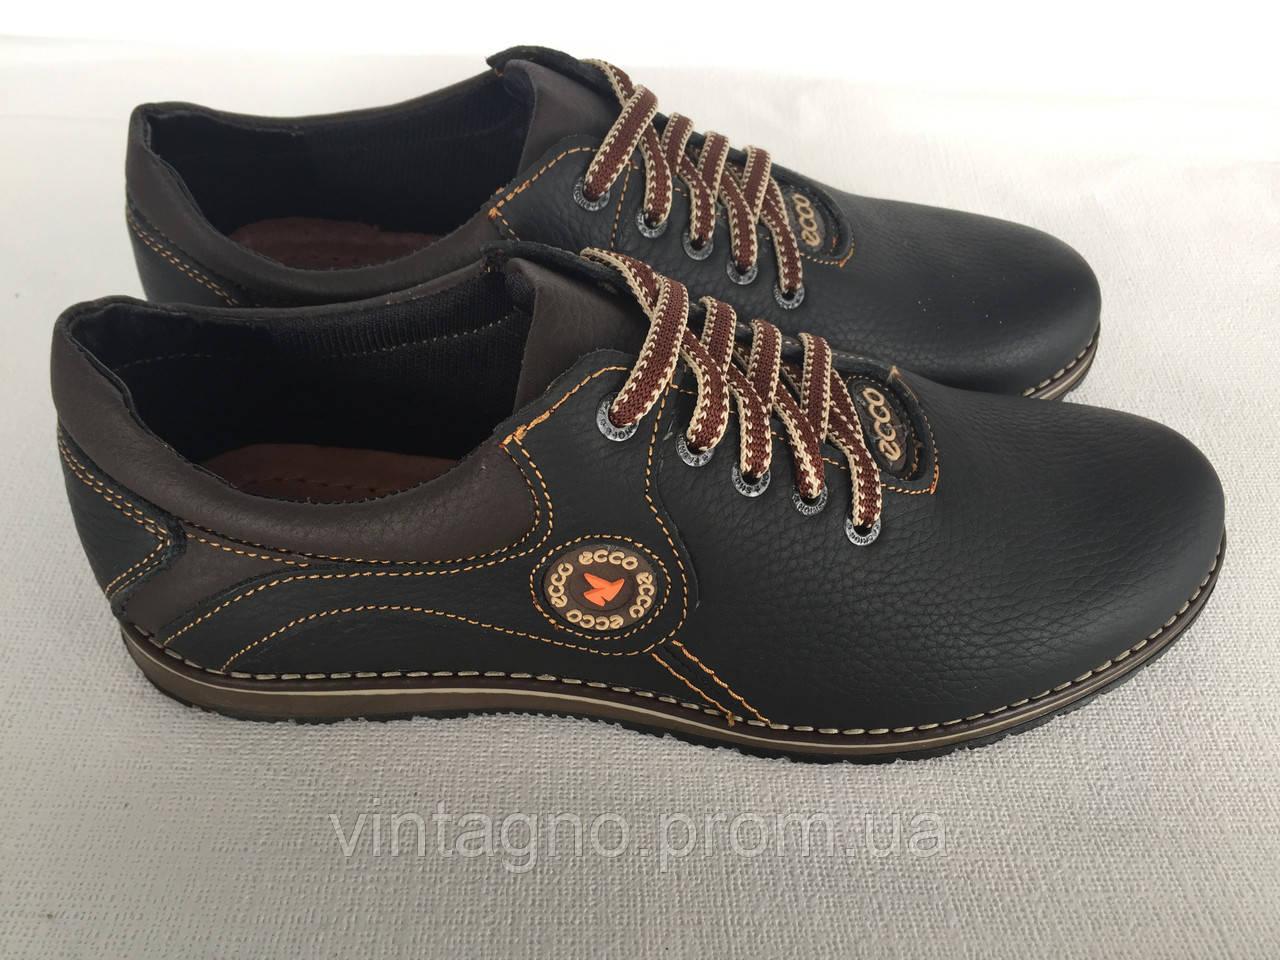 Мужские кожаные туфли комфорт М 01 d80cb6825e7b9